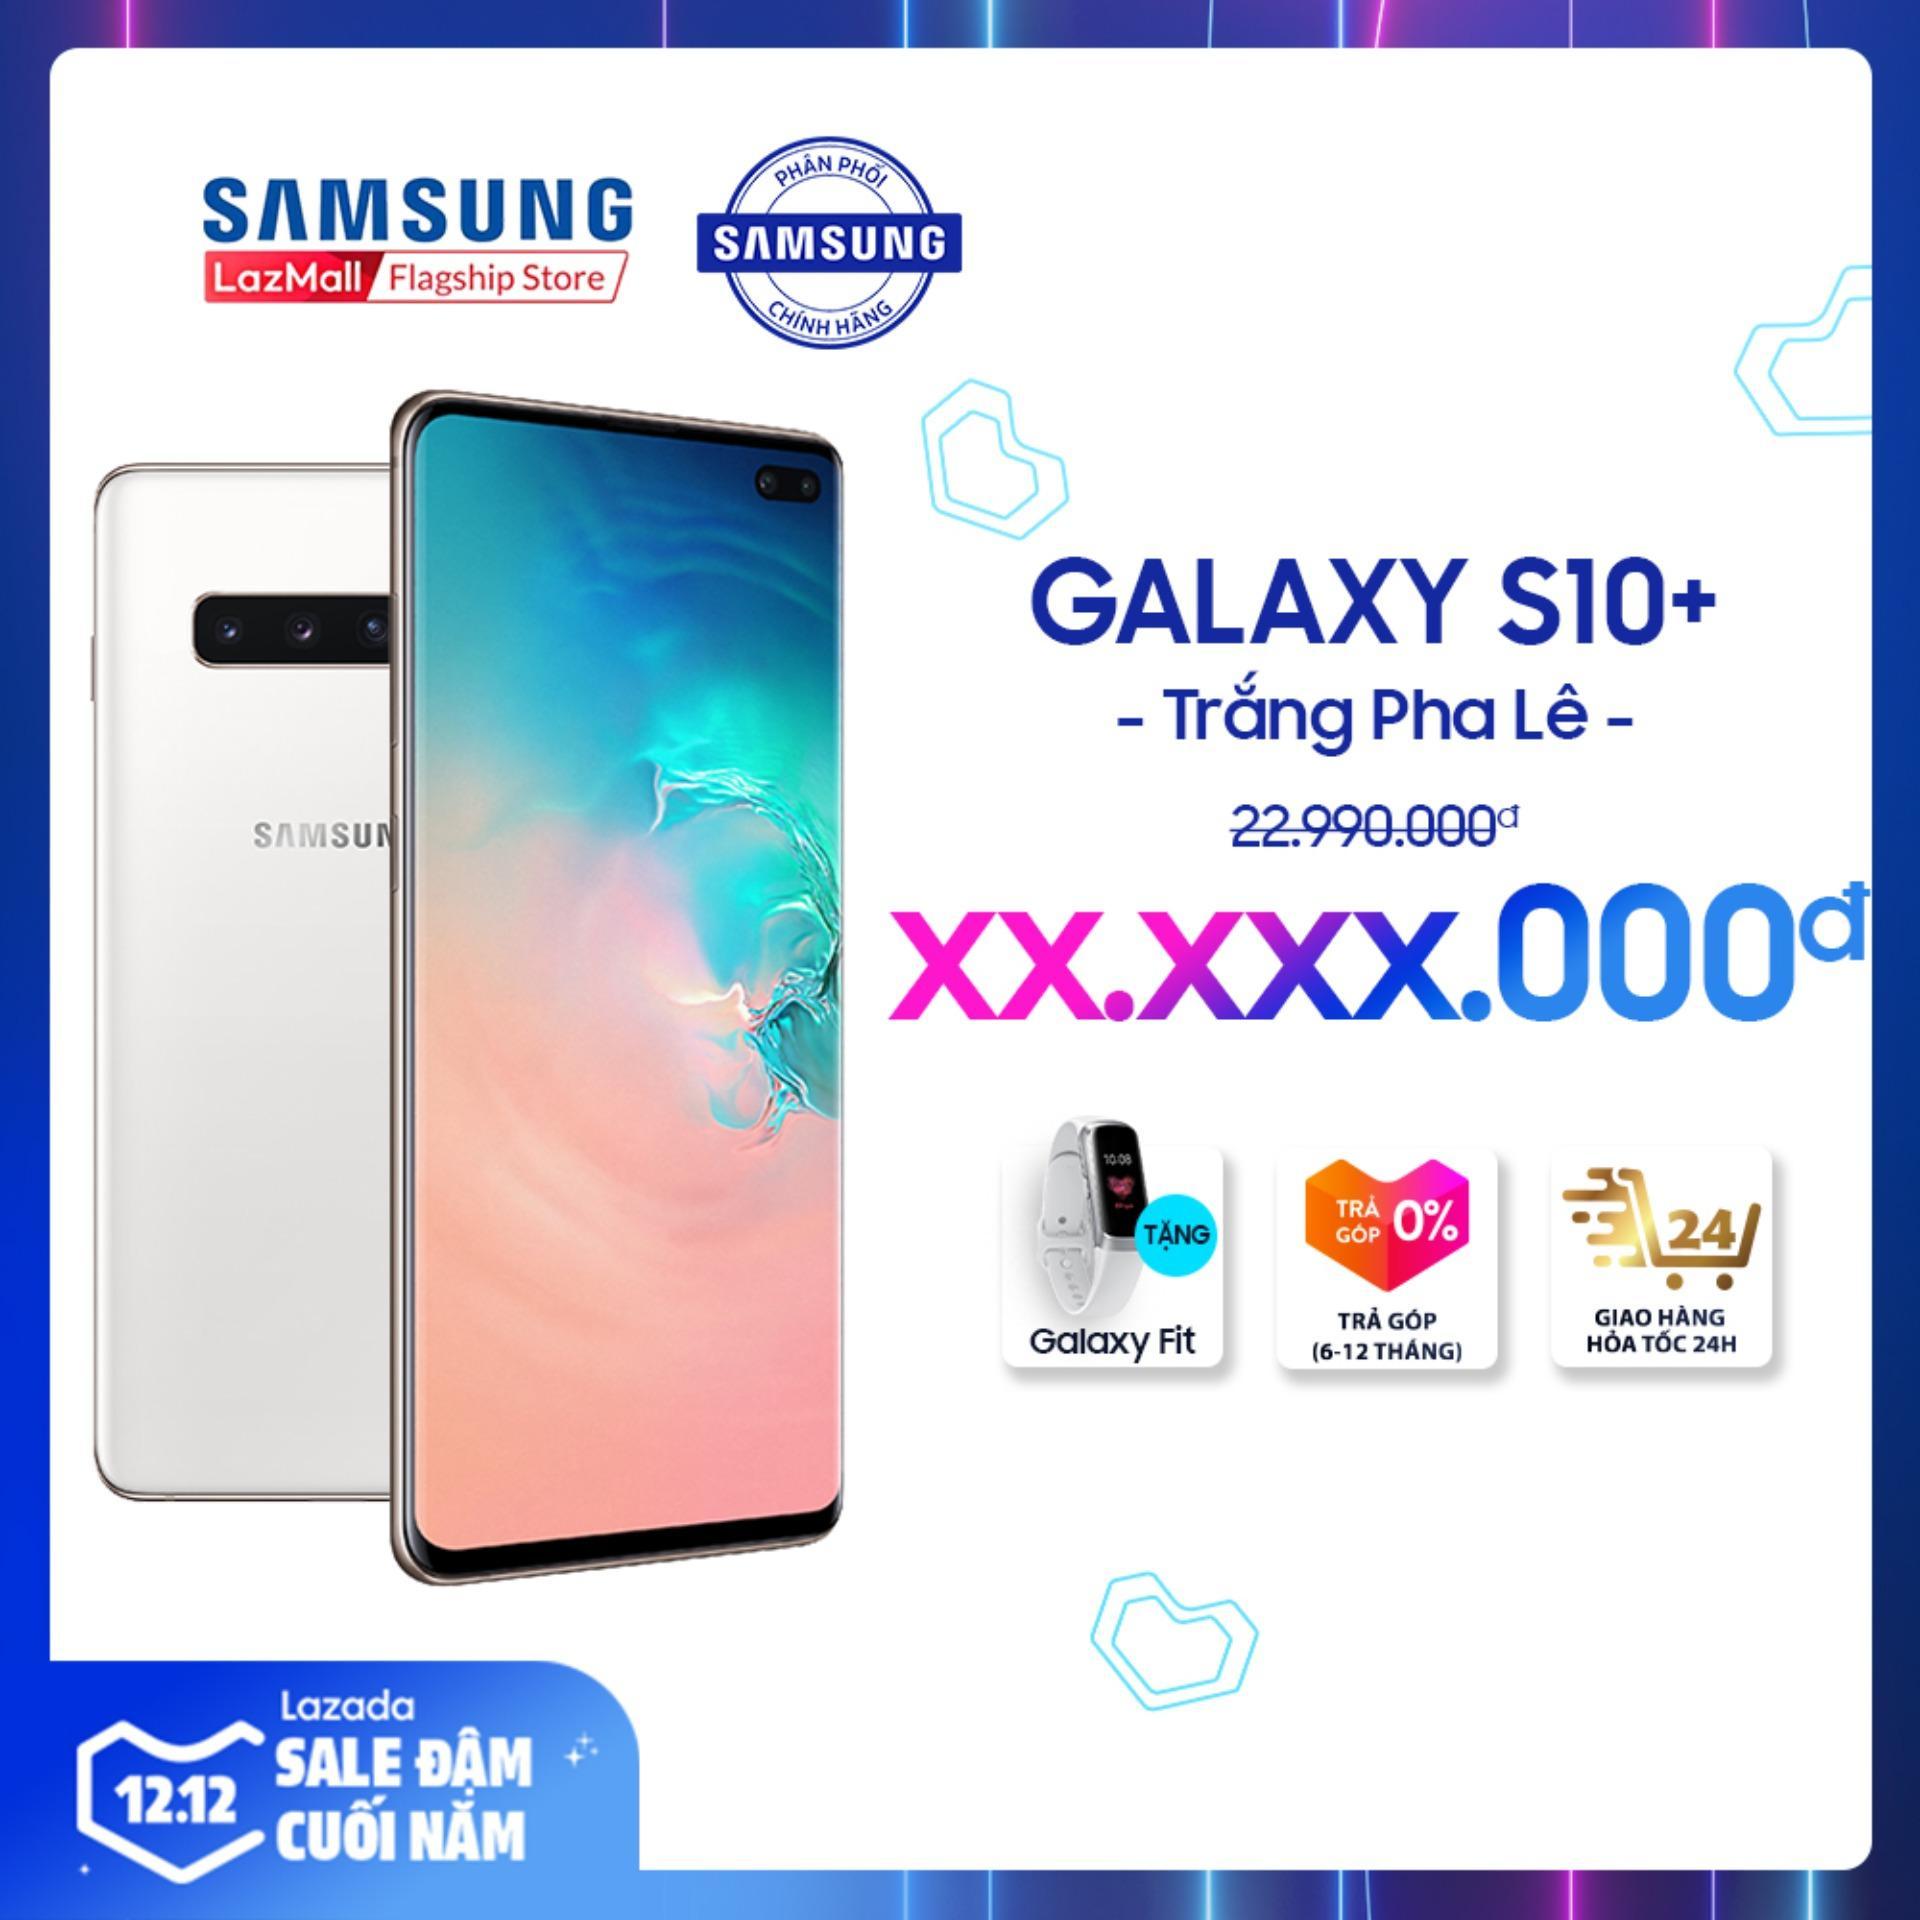 Deal Ưu Đãi Điện Thoại Samsung S10 PLUS 128GB (8GB RAM) - Màn Hình Dynamic AMOLED 6.4  , HD+, Quét Vân Tay Siêu âm - Powershare, Camera Trước 8 MP, 2 Nano SIM, Hỗ Trợ 4G - Hàng Phân Phối Chính Hãng.